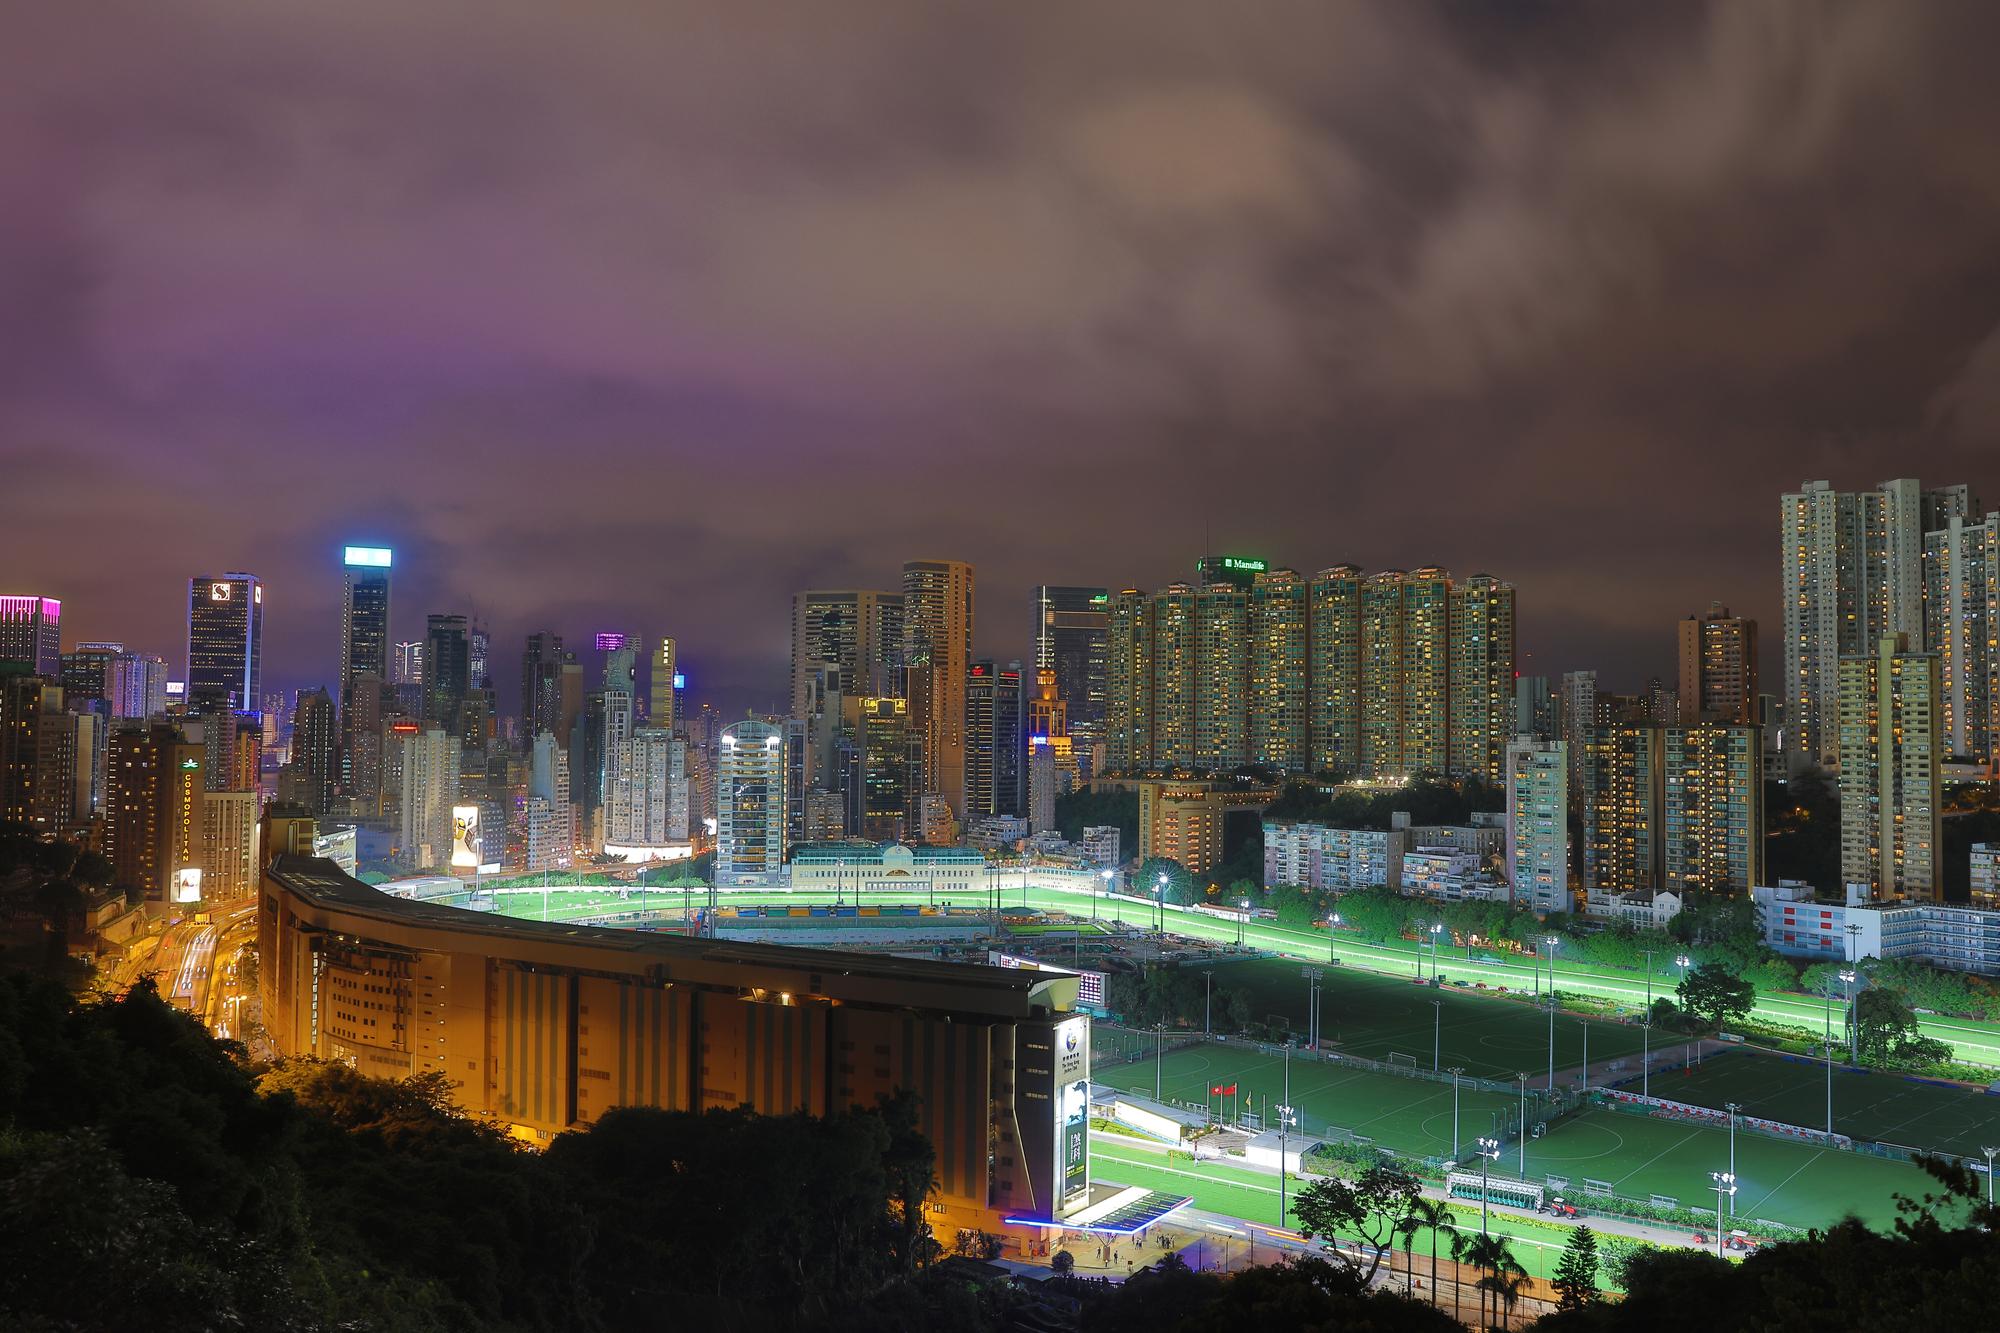 異国情緒も海外競馬の魅力。写真は香港のハッピーバレー競馬場